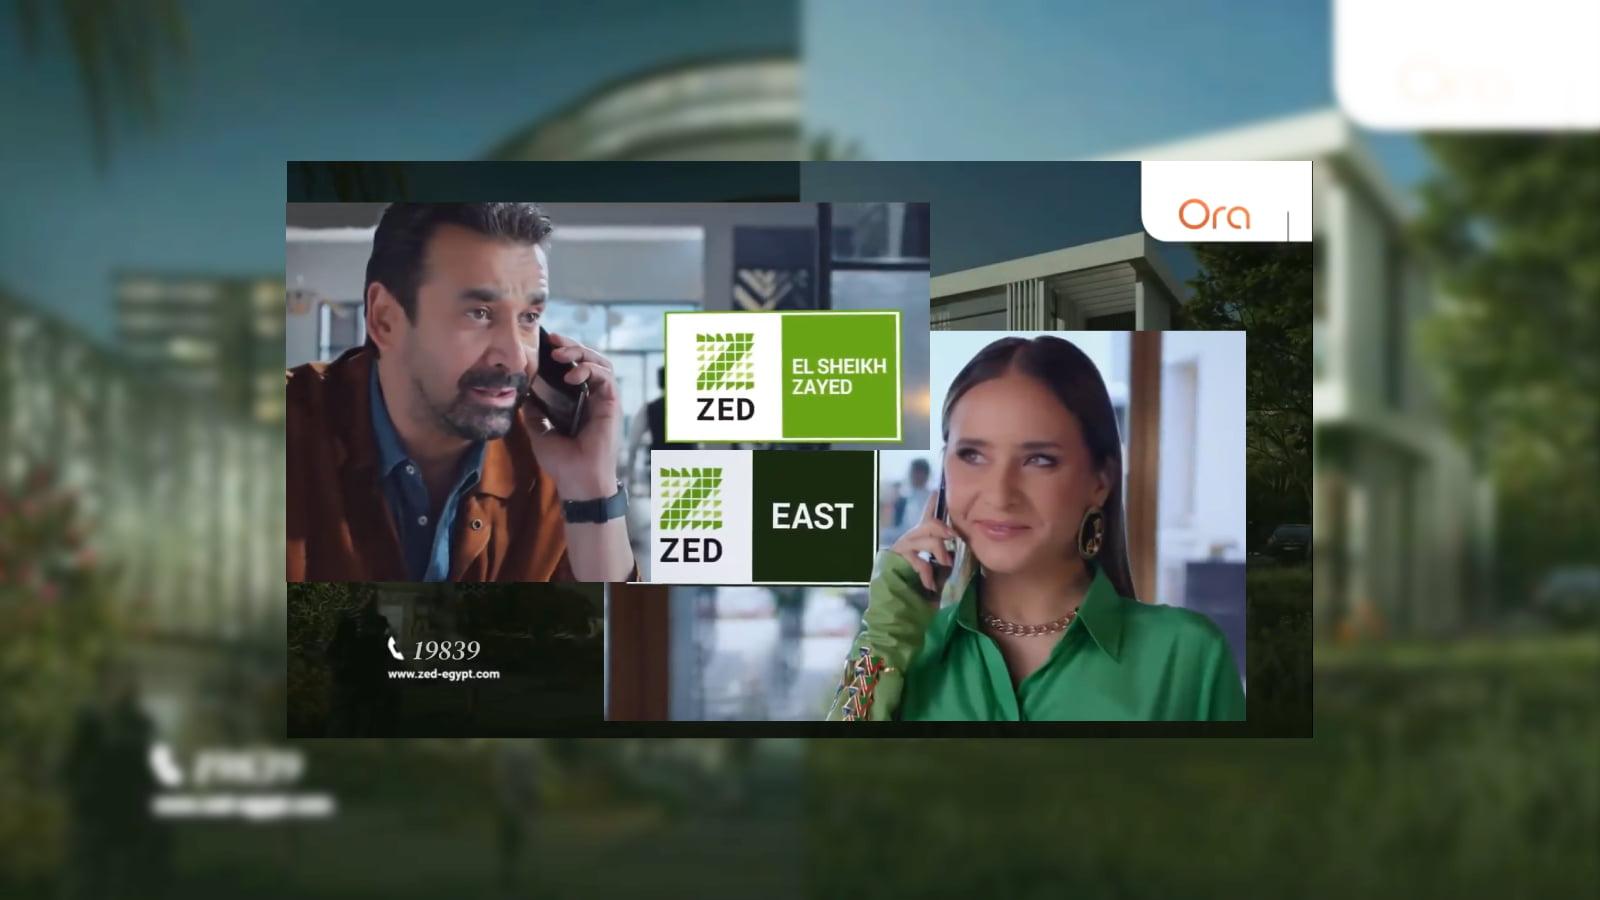 ثانِ مقارنة بين زيد الشيخ زايد و زيد ايست – Zed East & Zed El Sheikh Zayed